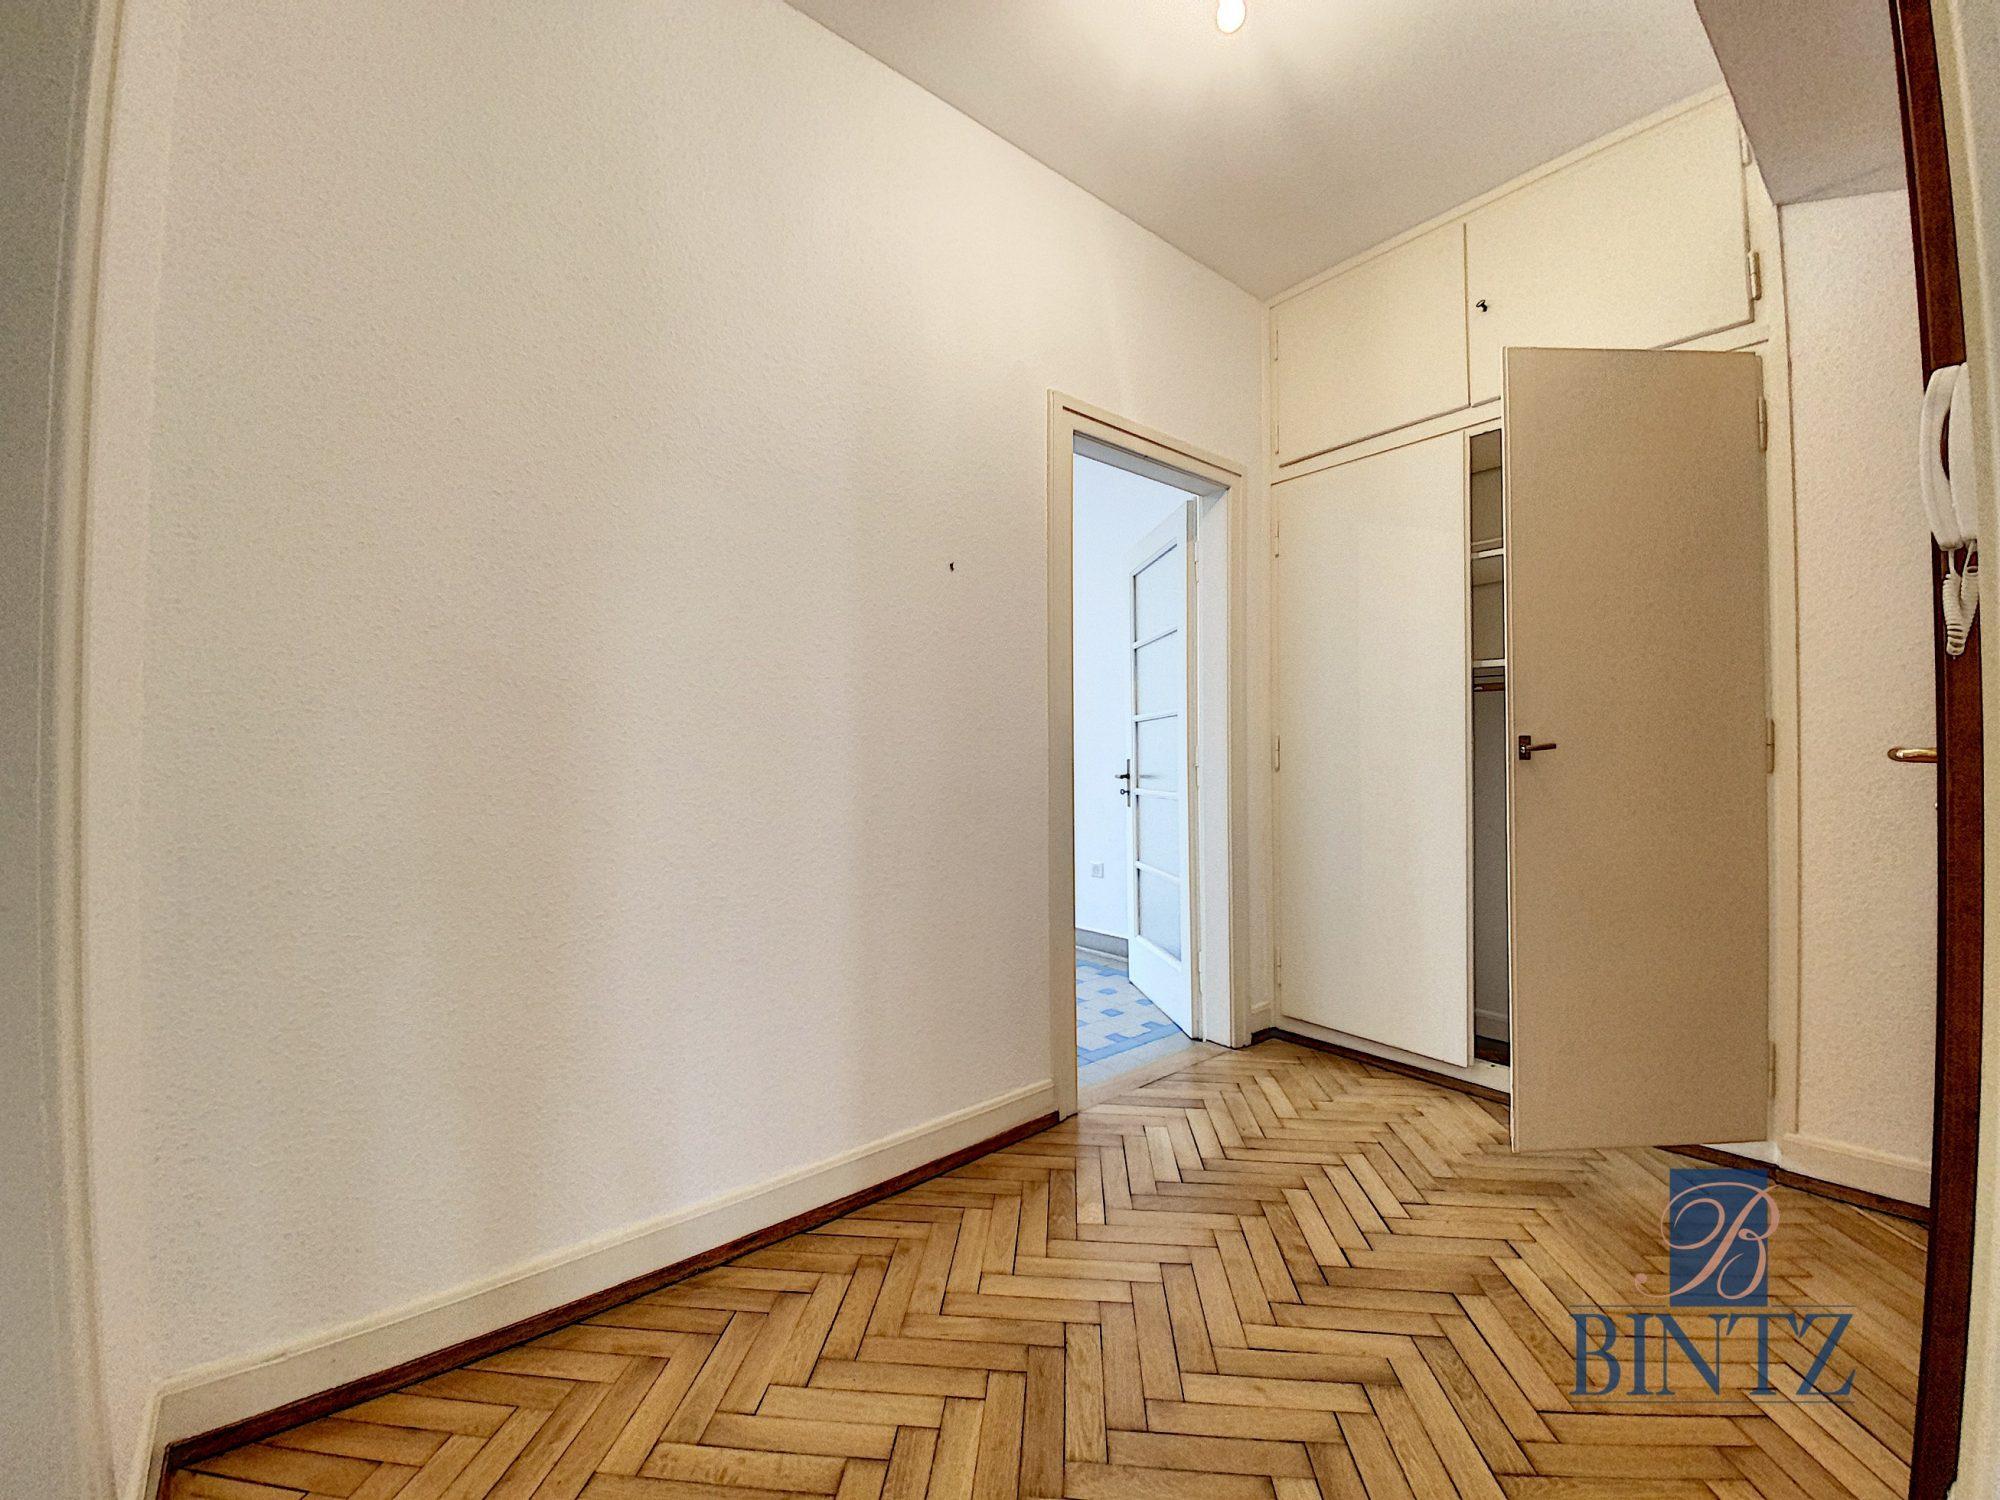 2 pièces orangerie avec balcon - Devenez locataire en toute sérénité - Bintz Immobilier - 8